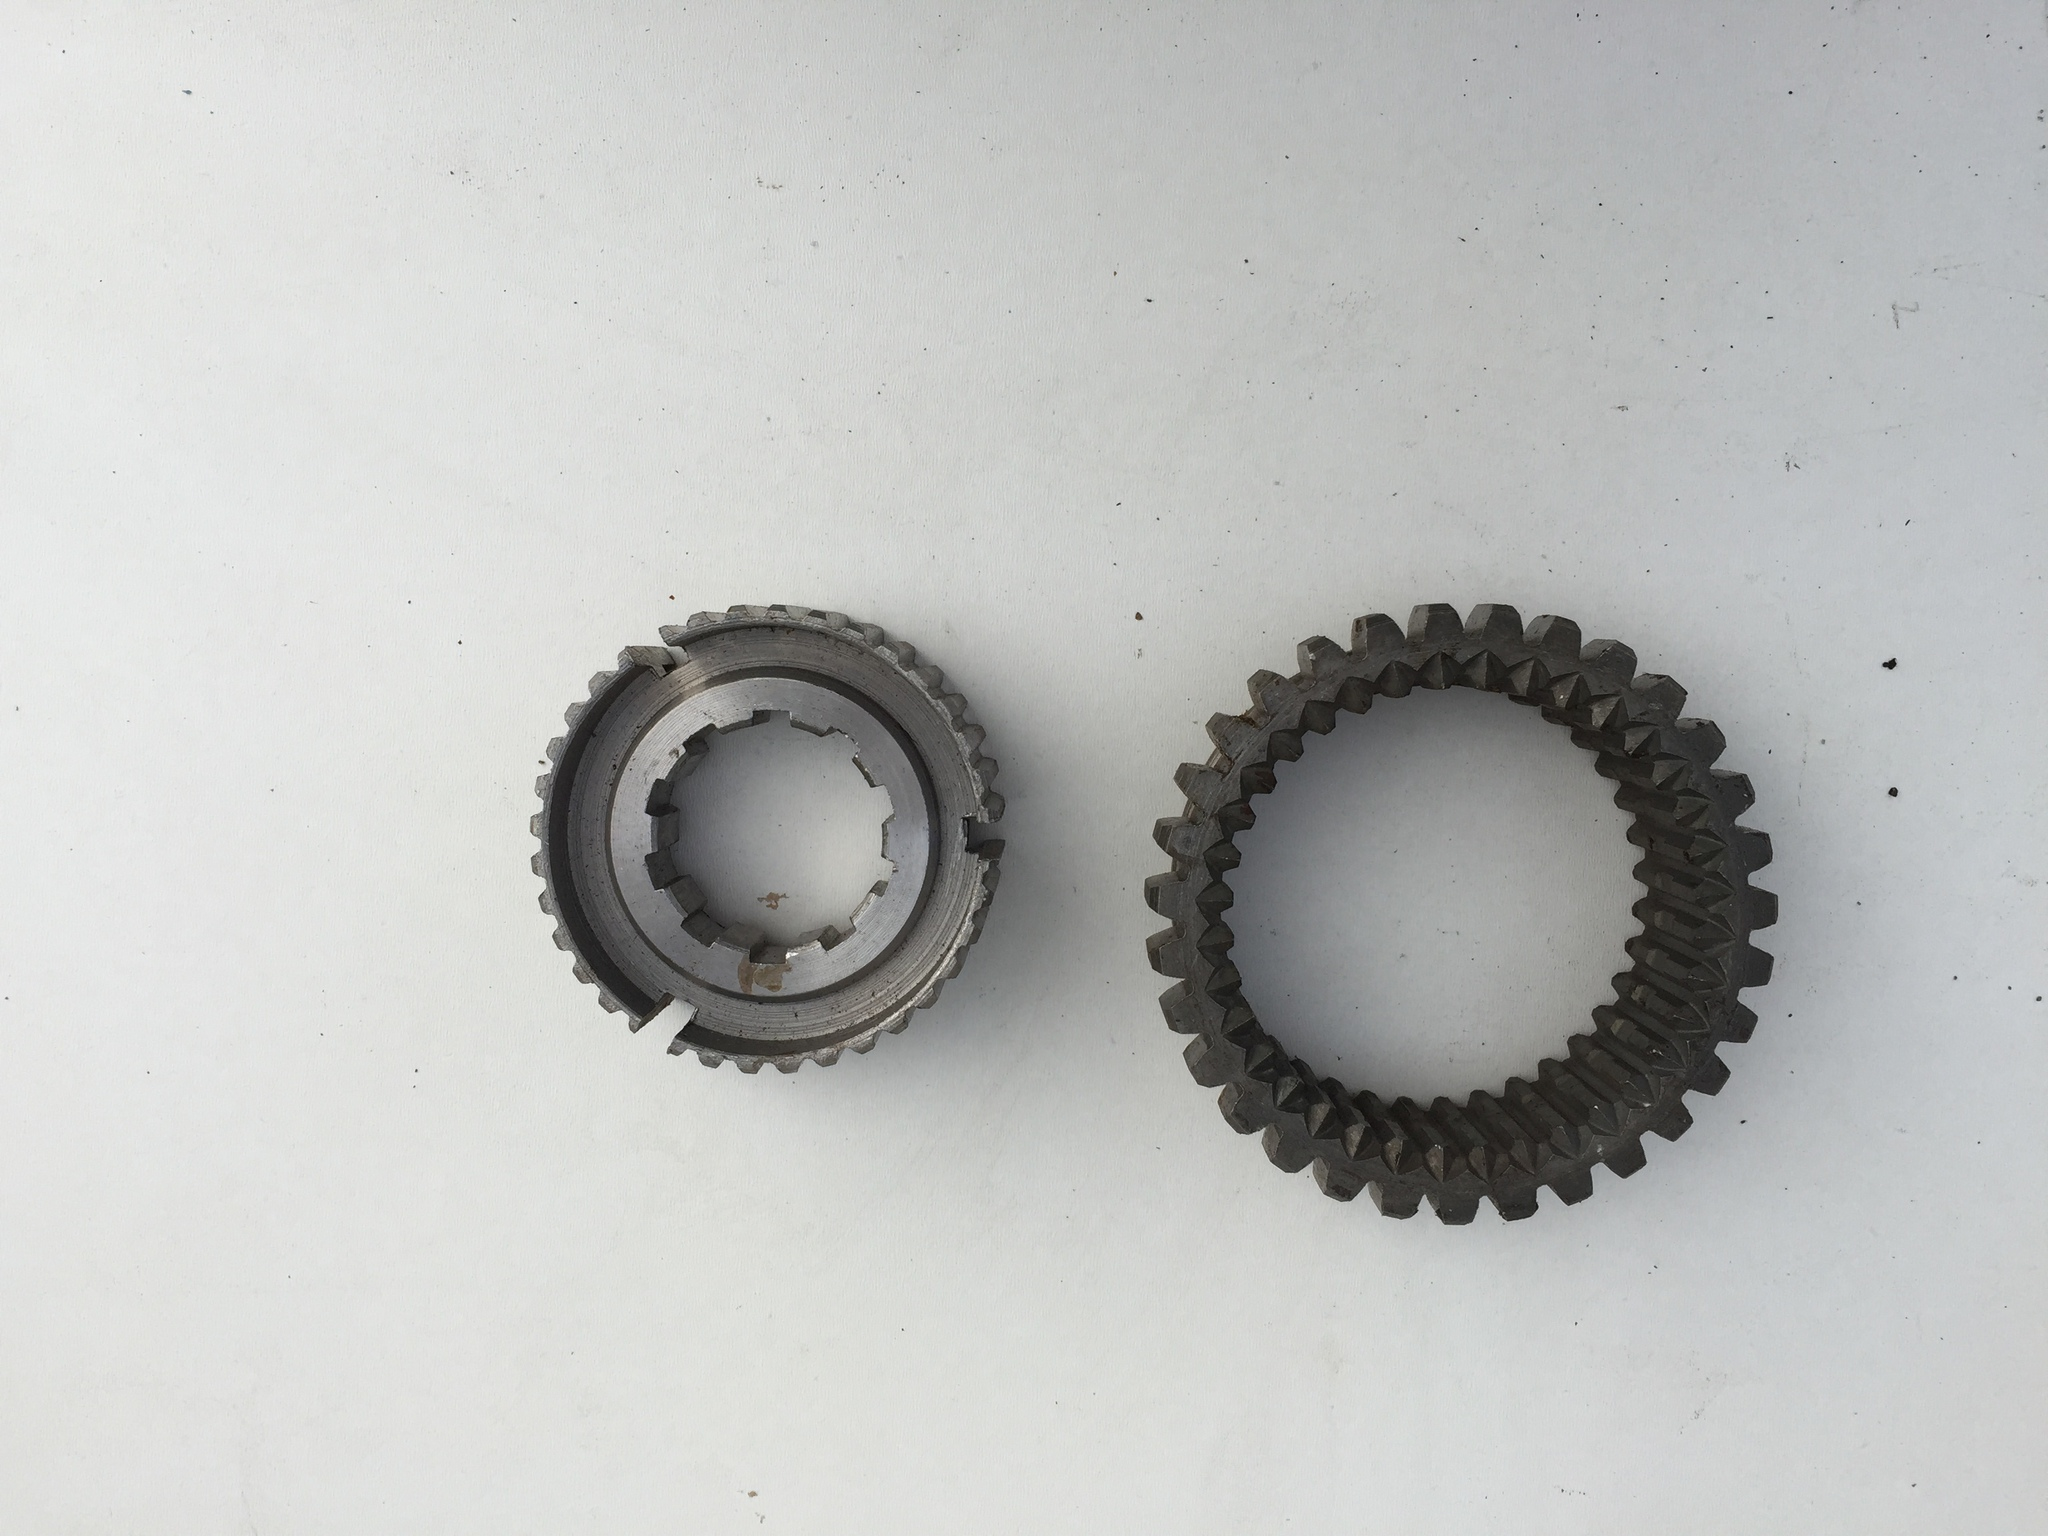 Муфта синхронизатора 1 и 2 передач со ступицей (комплект) 4 ст. КПП